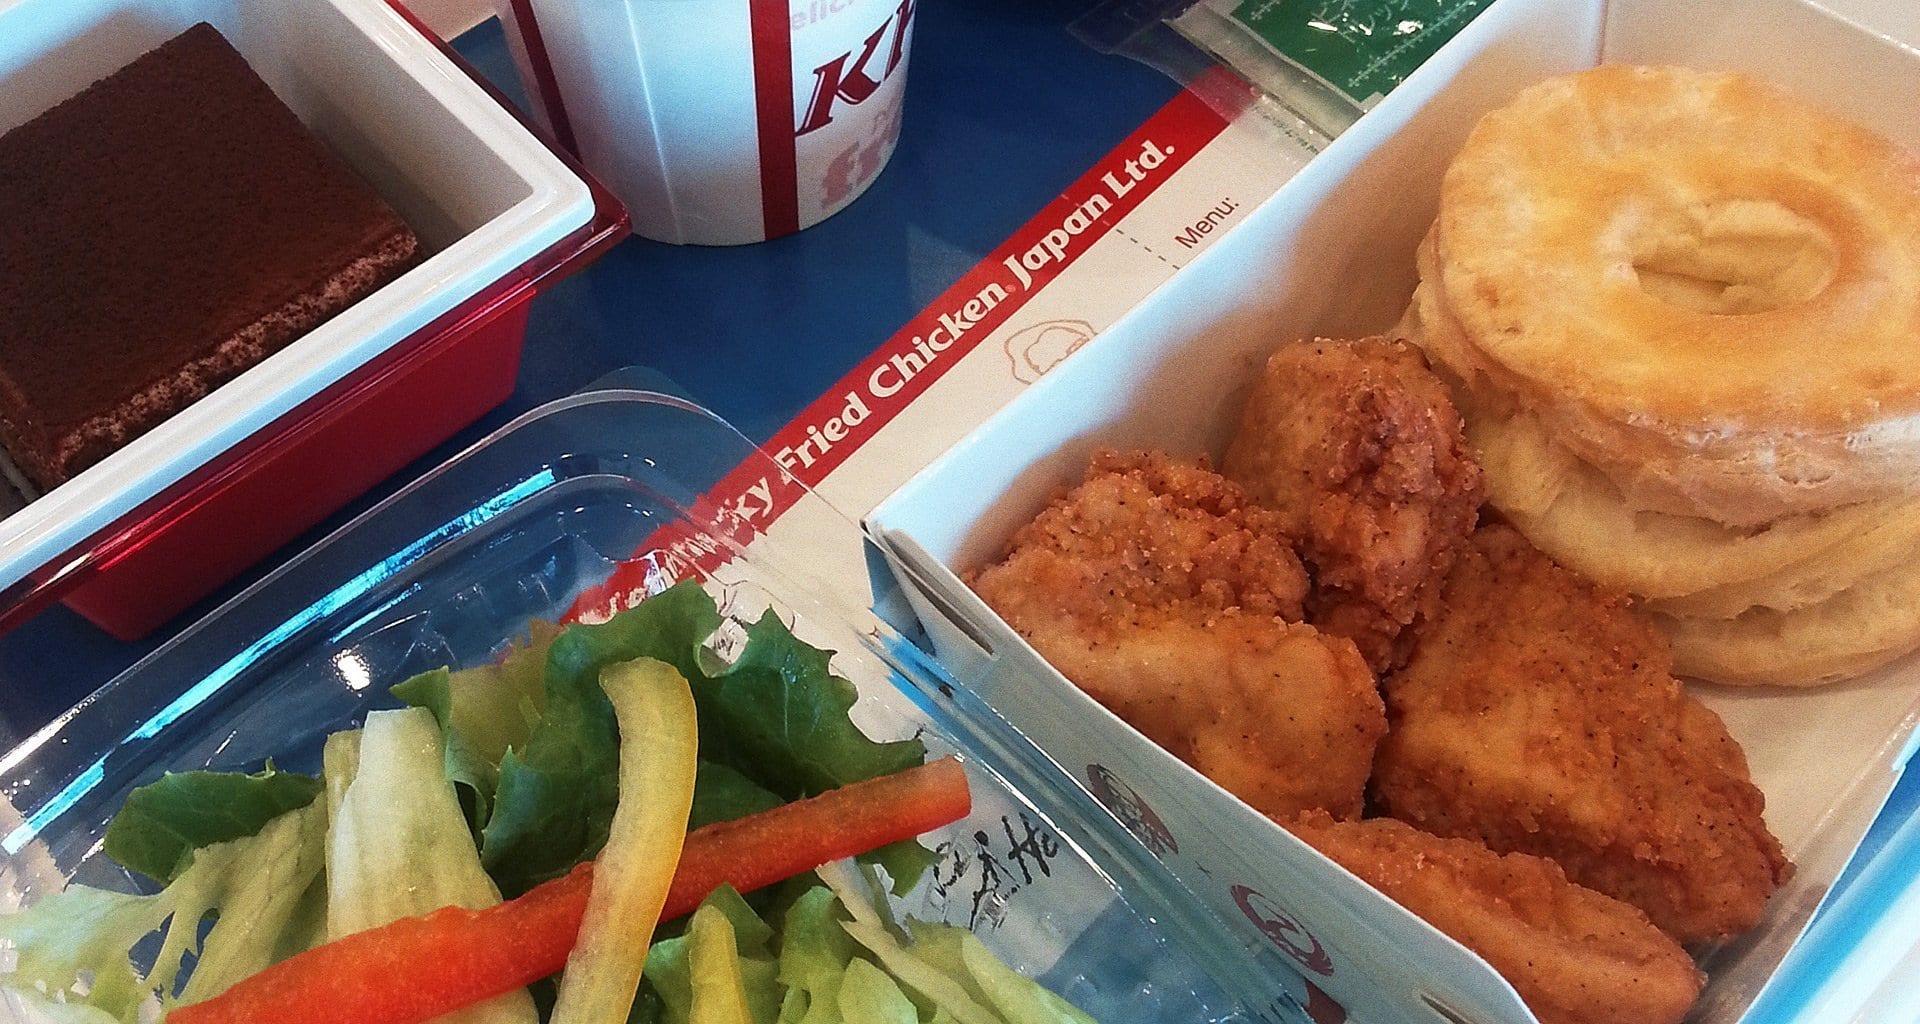 Japan Airlines inflight KFC menu economy class